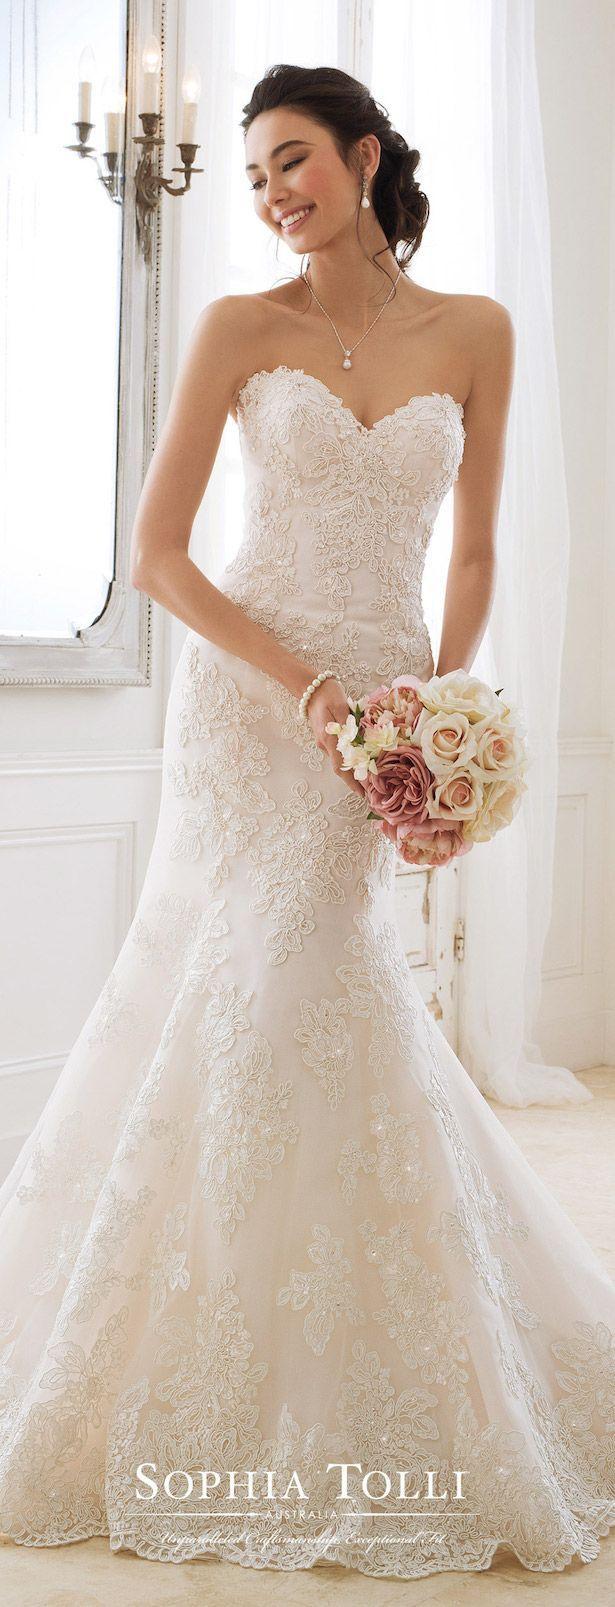 Sophia tolli wedding dress collection spring ideas para bodas